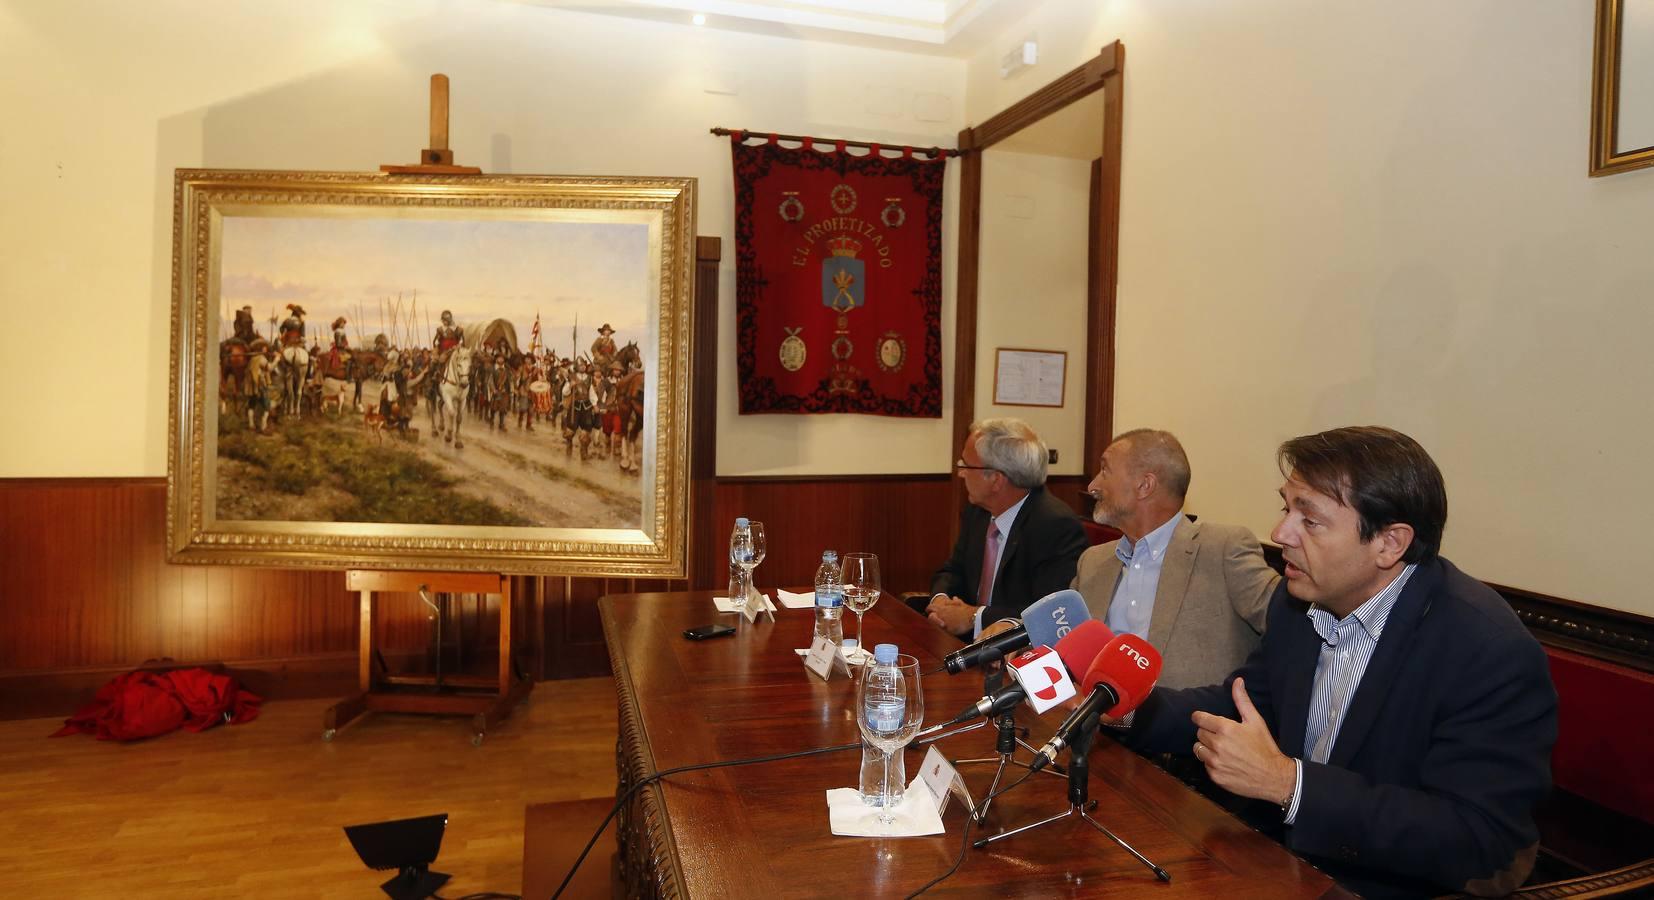 Presentación del cuadro 'El Camino Español' de Augusto Ferrer-Dalmau en el Palacio Real de Valladolid